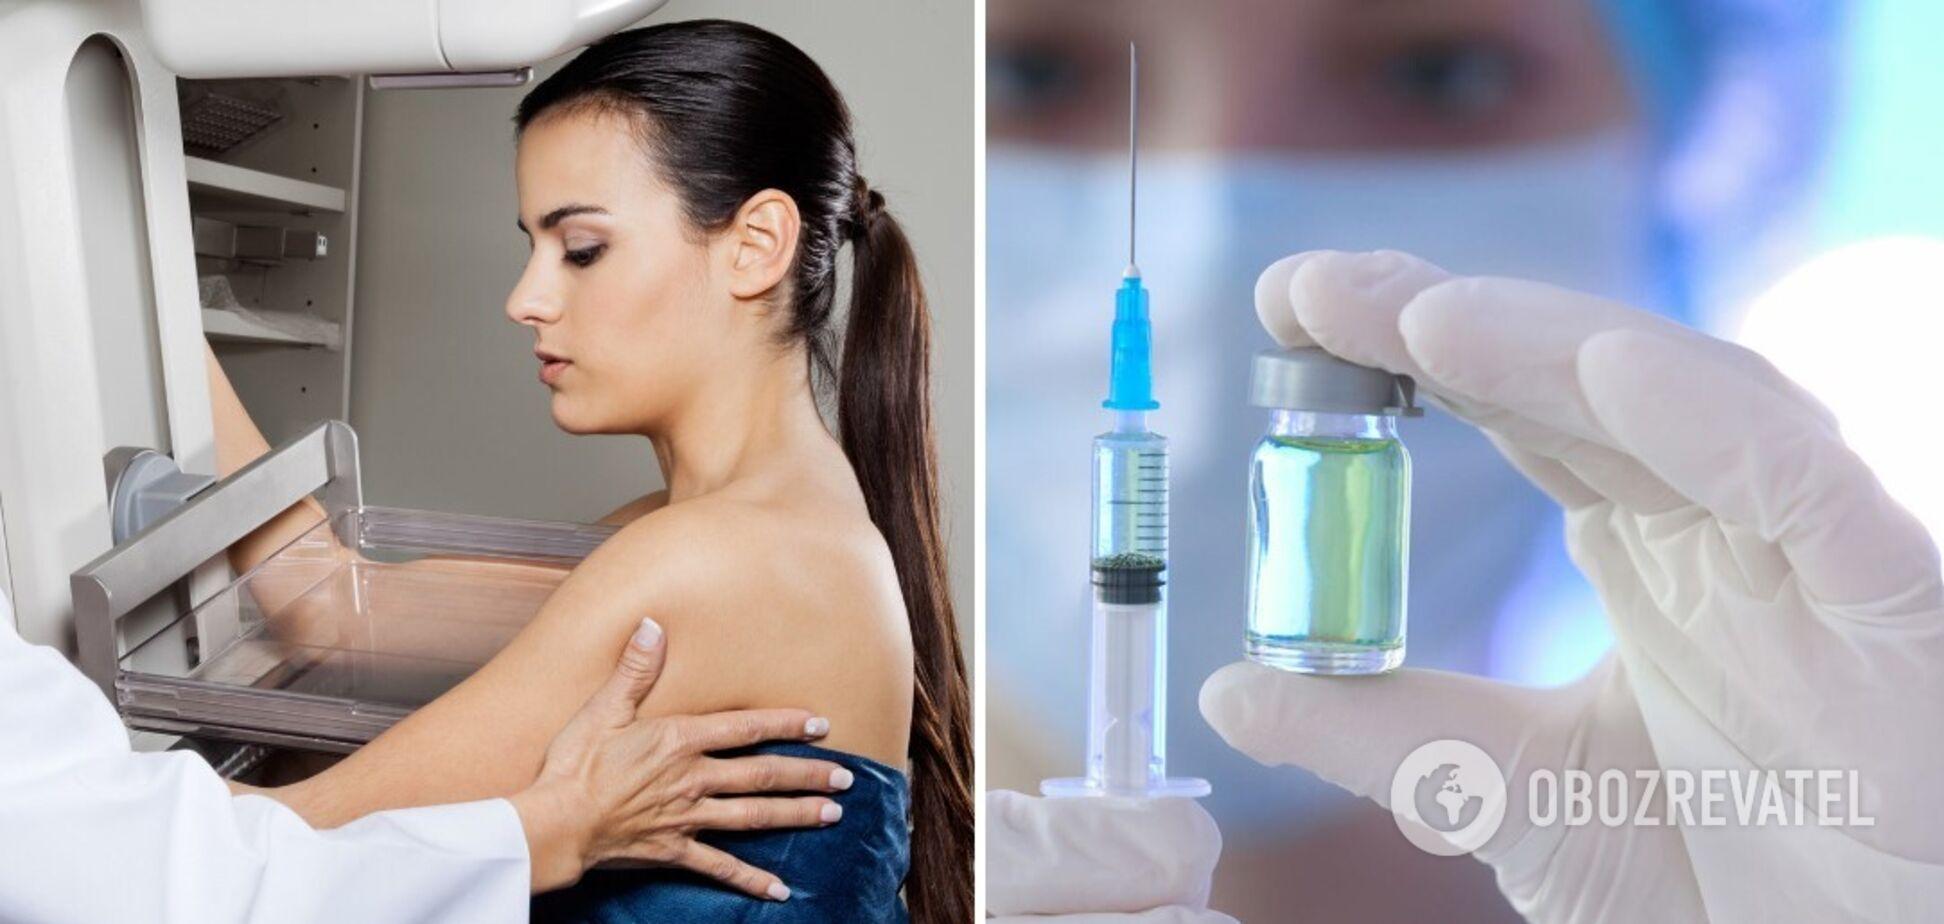 Жінкам варто уникати мамографії протягом чотирьох тижнів після щеплення від коронавірусу